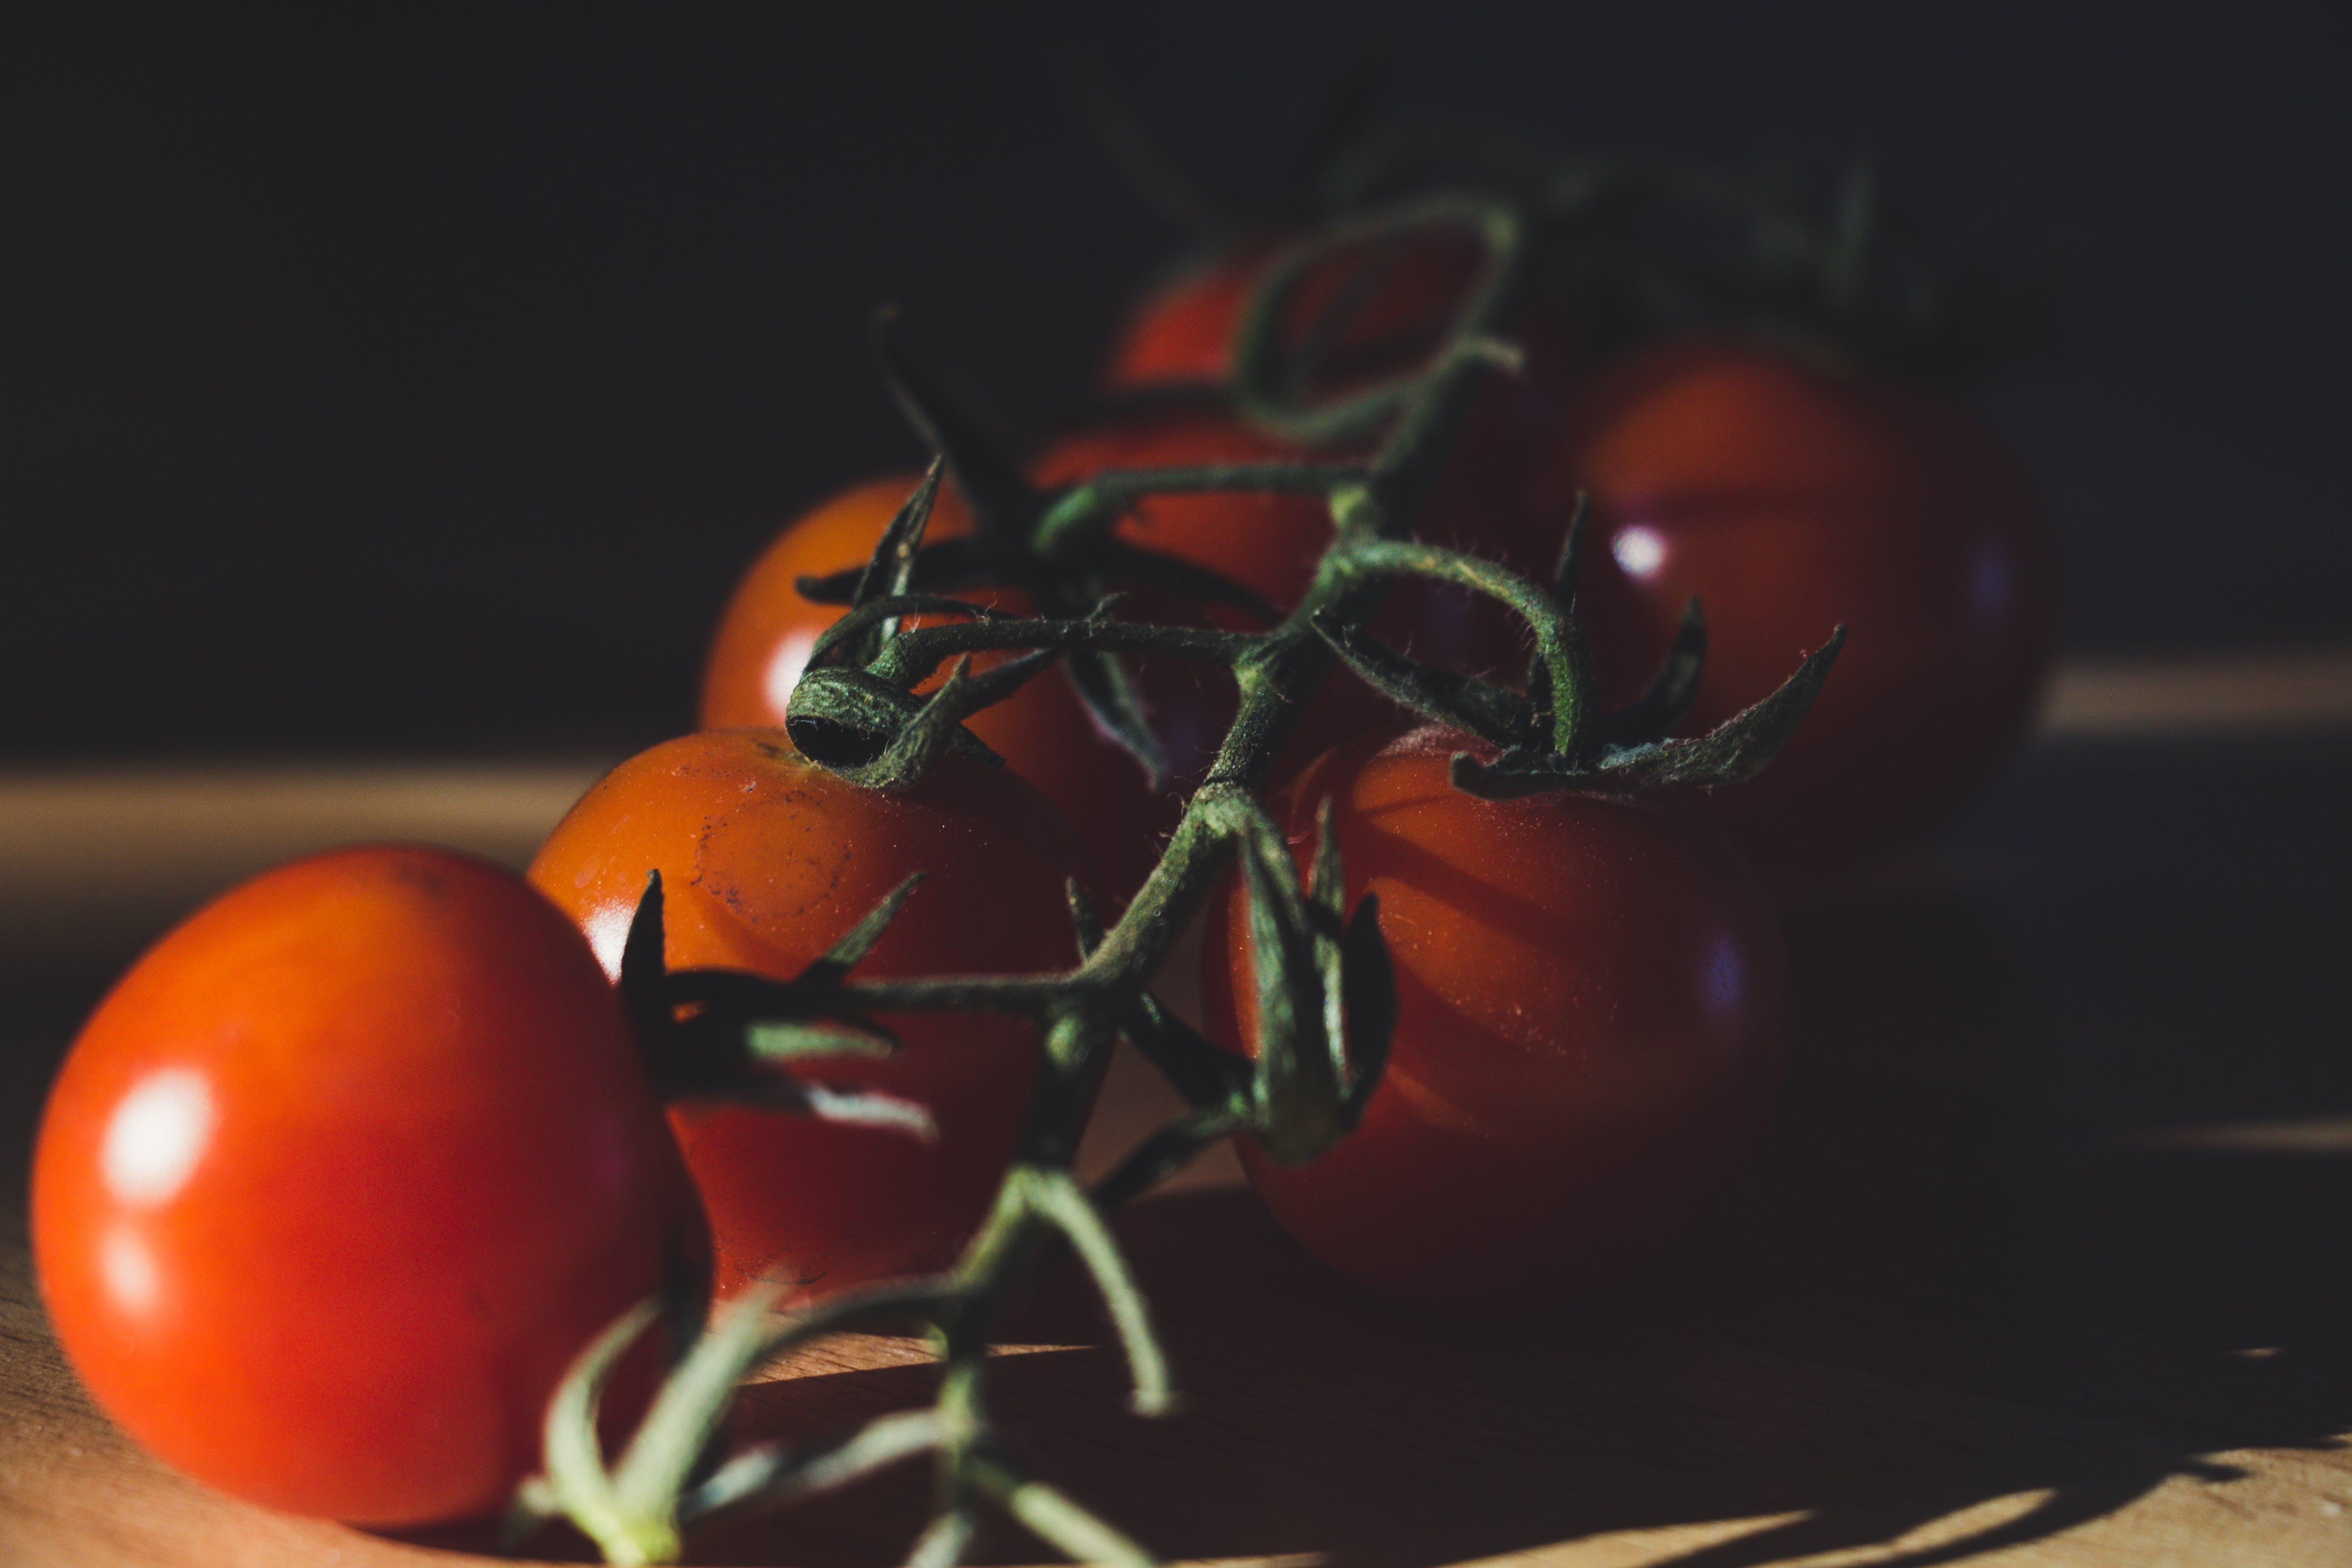 Kostenloses Stock Foto zu farben, früchte, gesund, glänzend